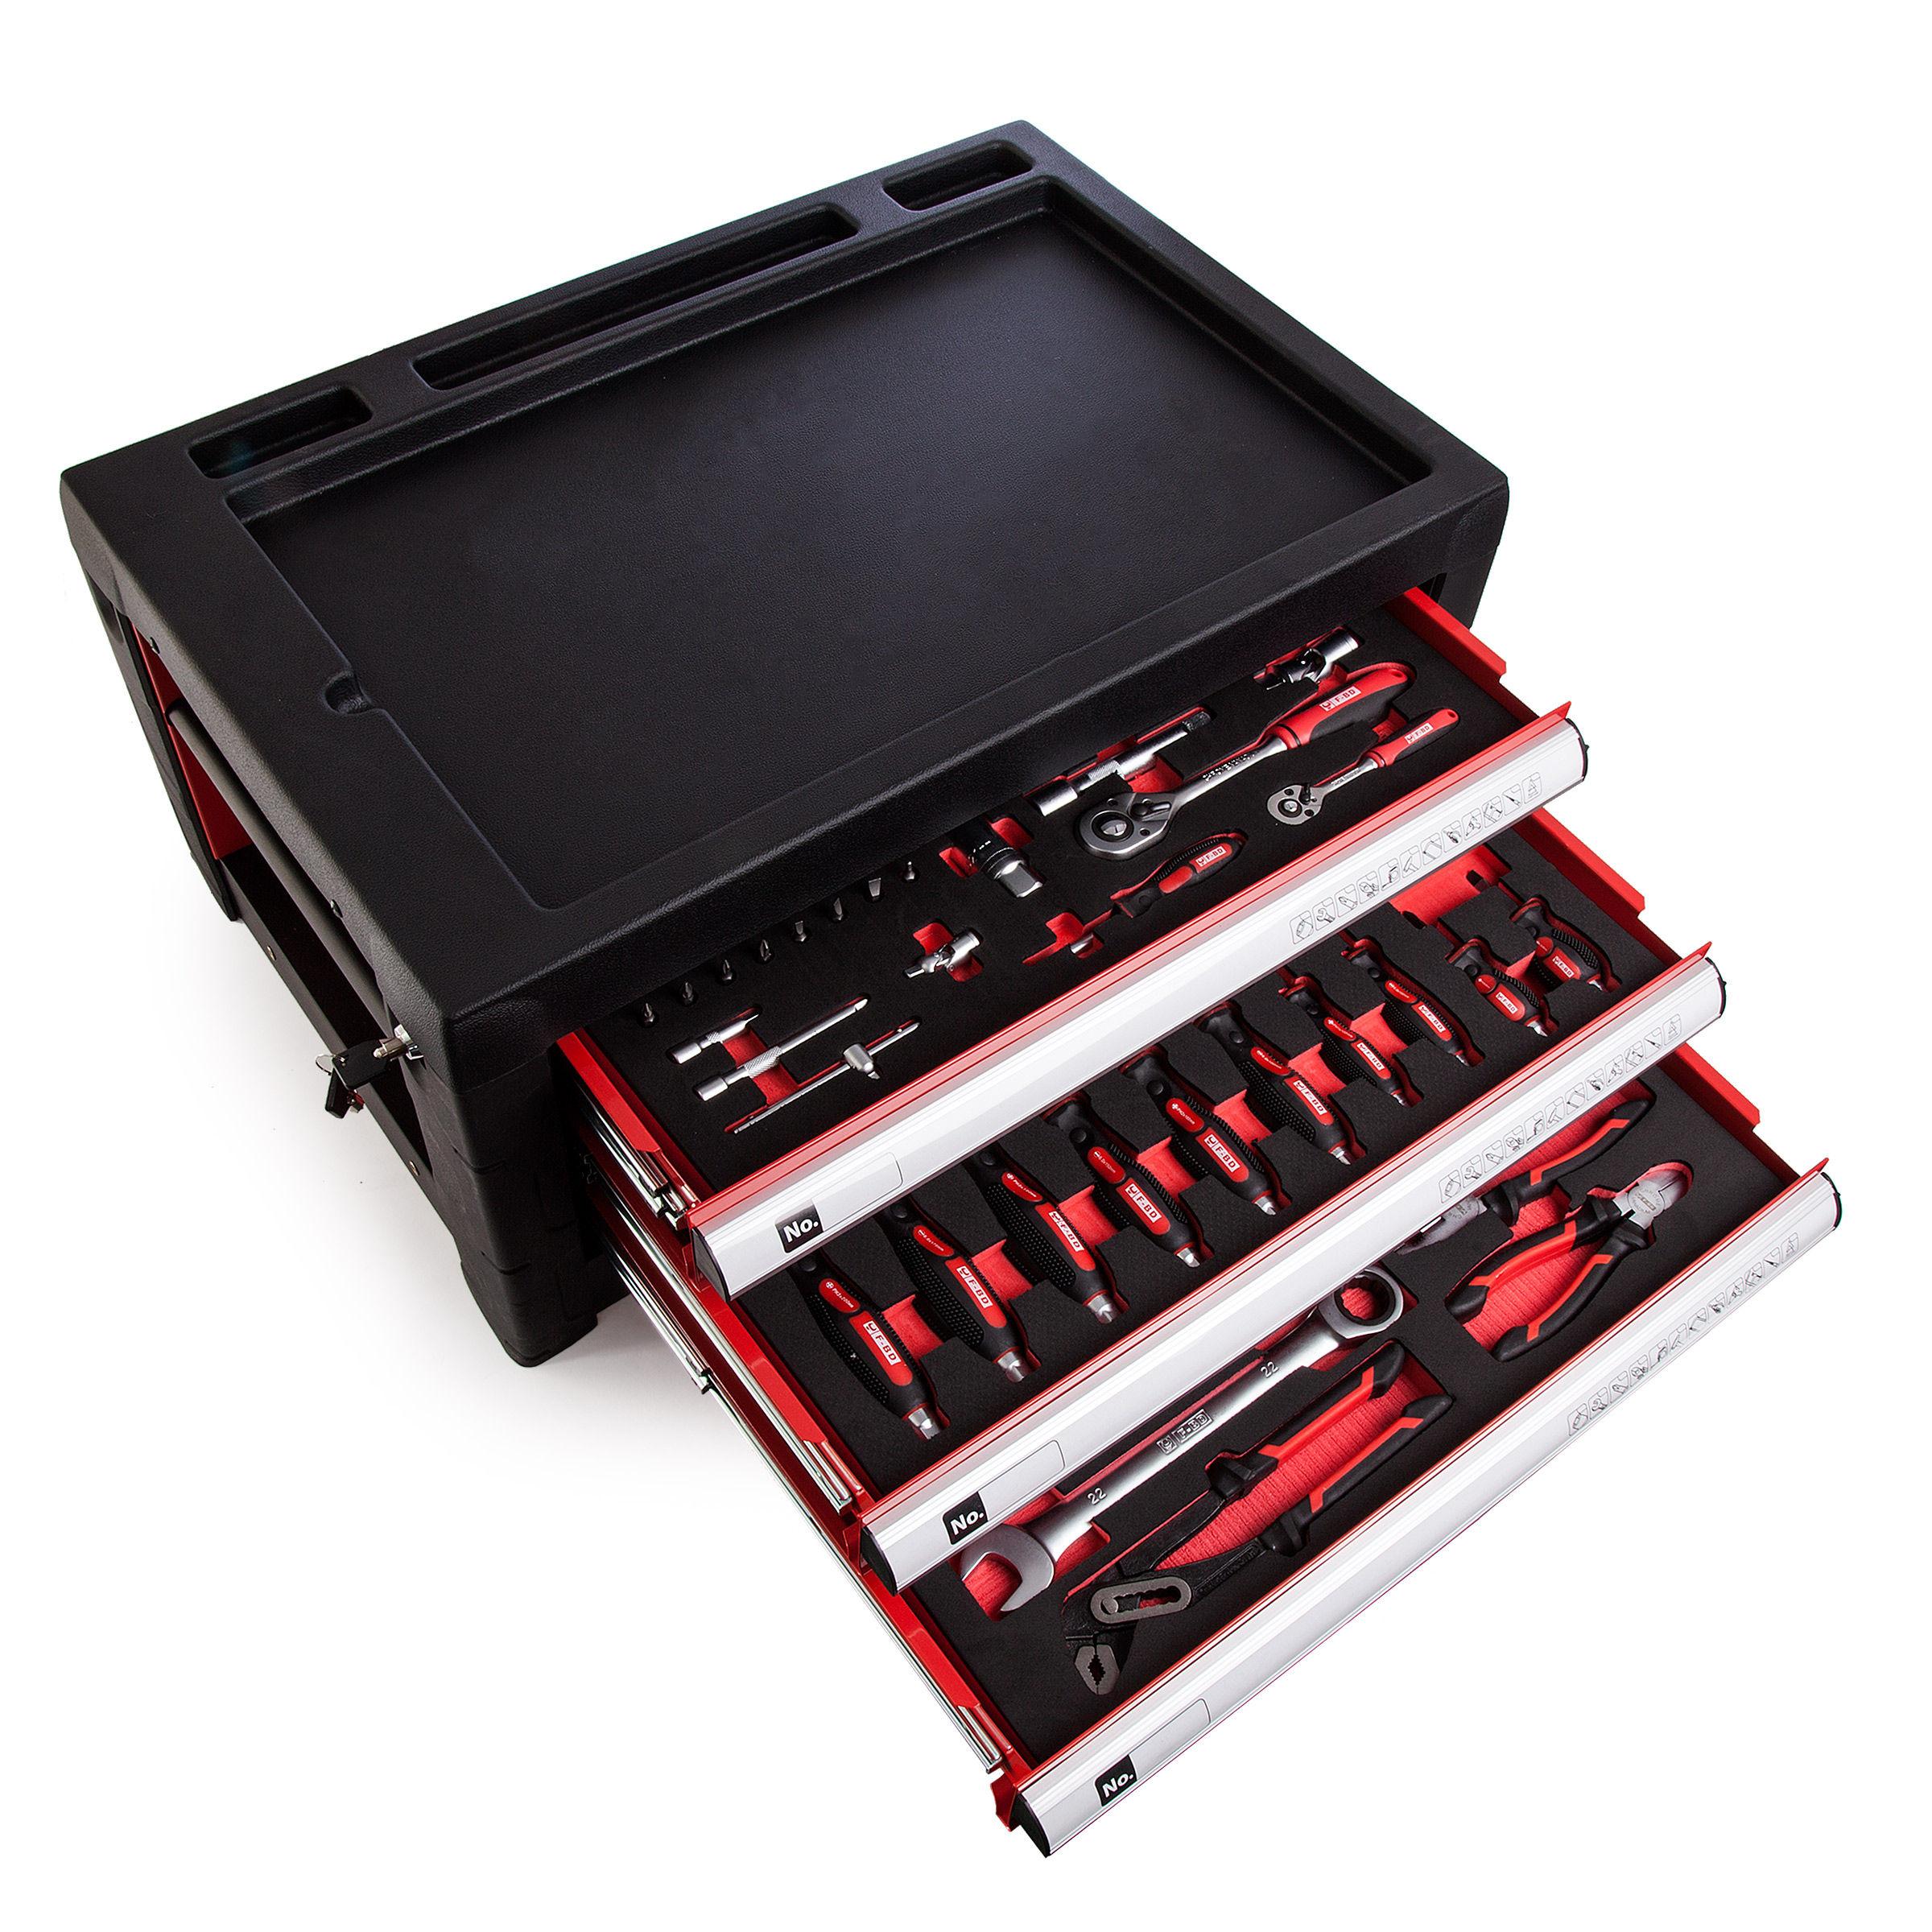 Toolstop Toolstop TT326 Tool Trolley with Telescopic